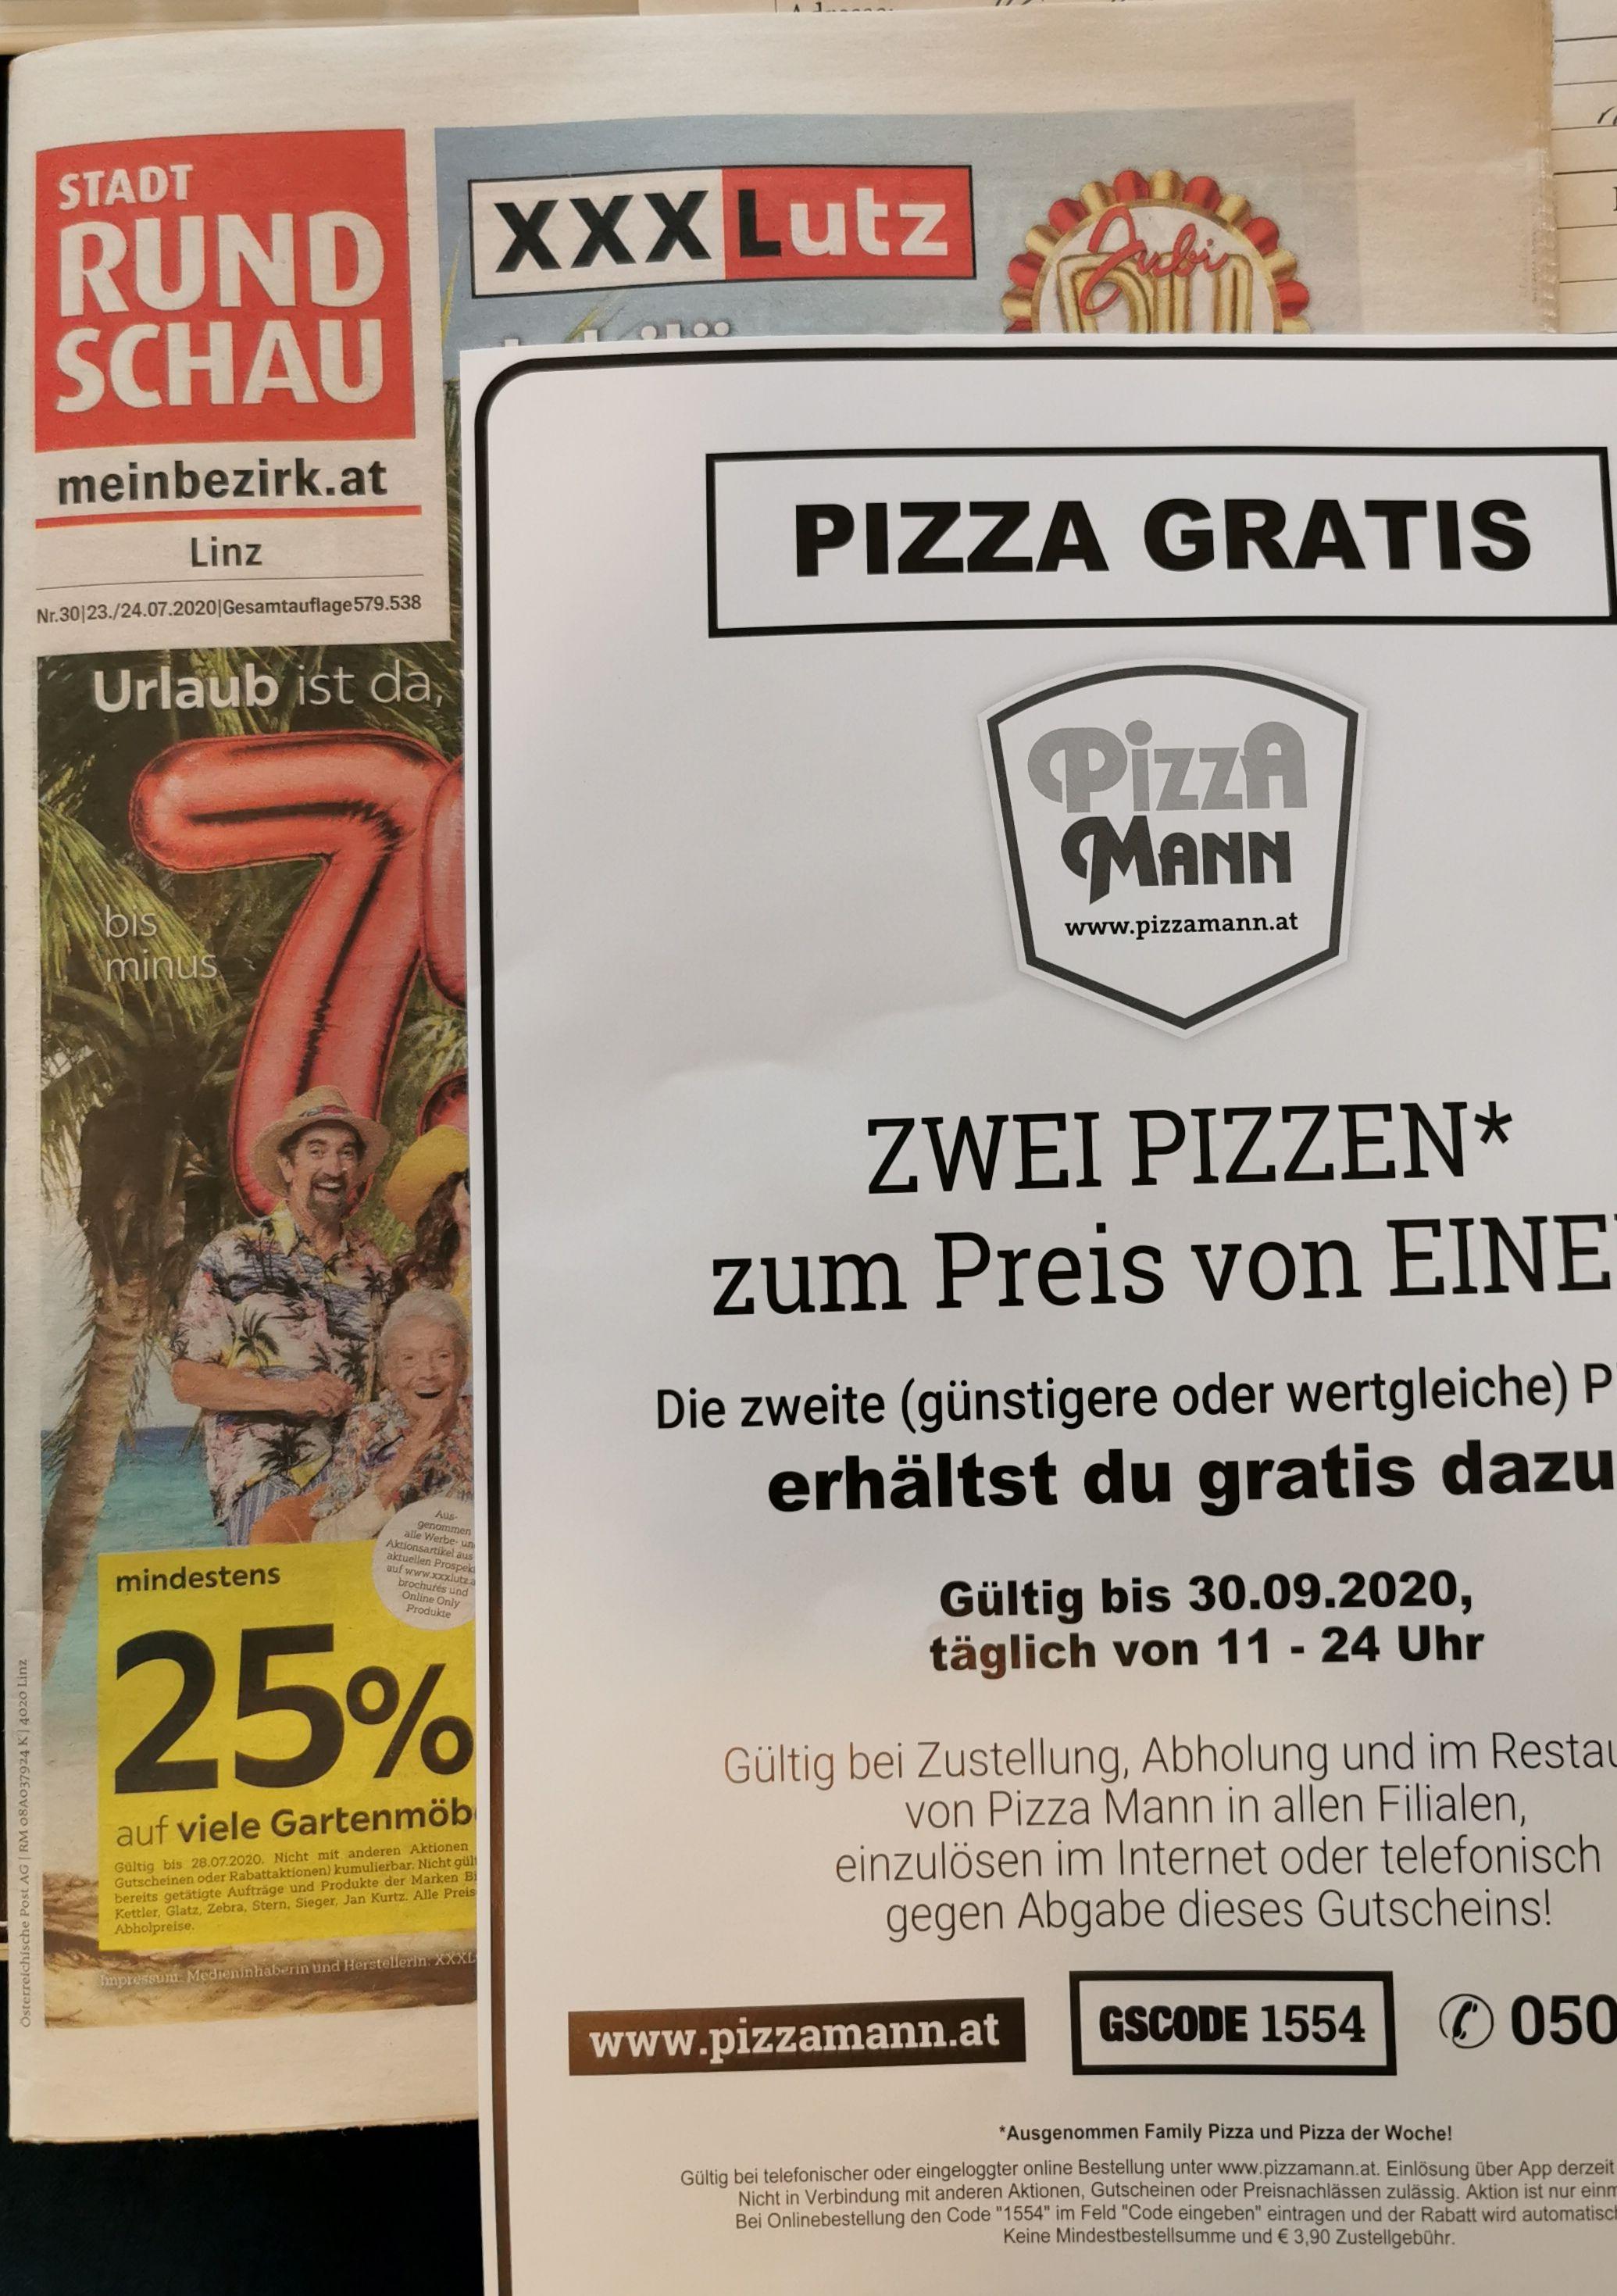 Pizzamann Gutschein liegt im Postkasten!